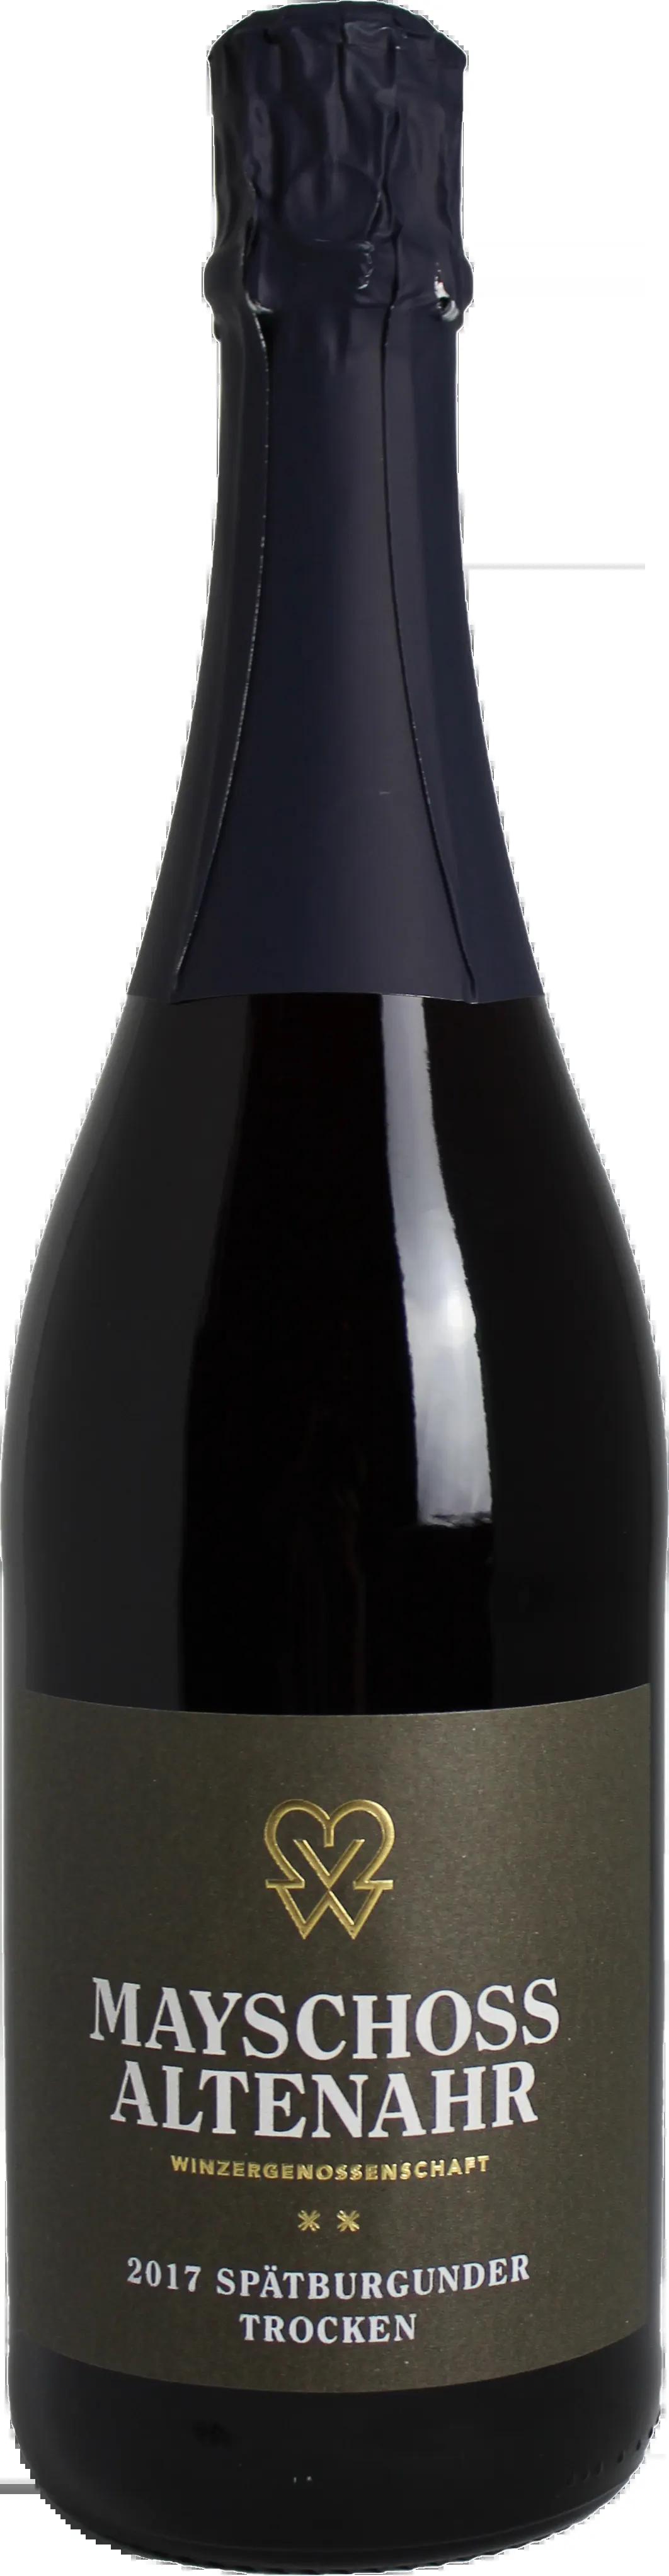 6 Flaschen Spätburgunder Rot Sekt | Mayschoss | 2017 | 0,75 Liter